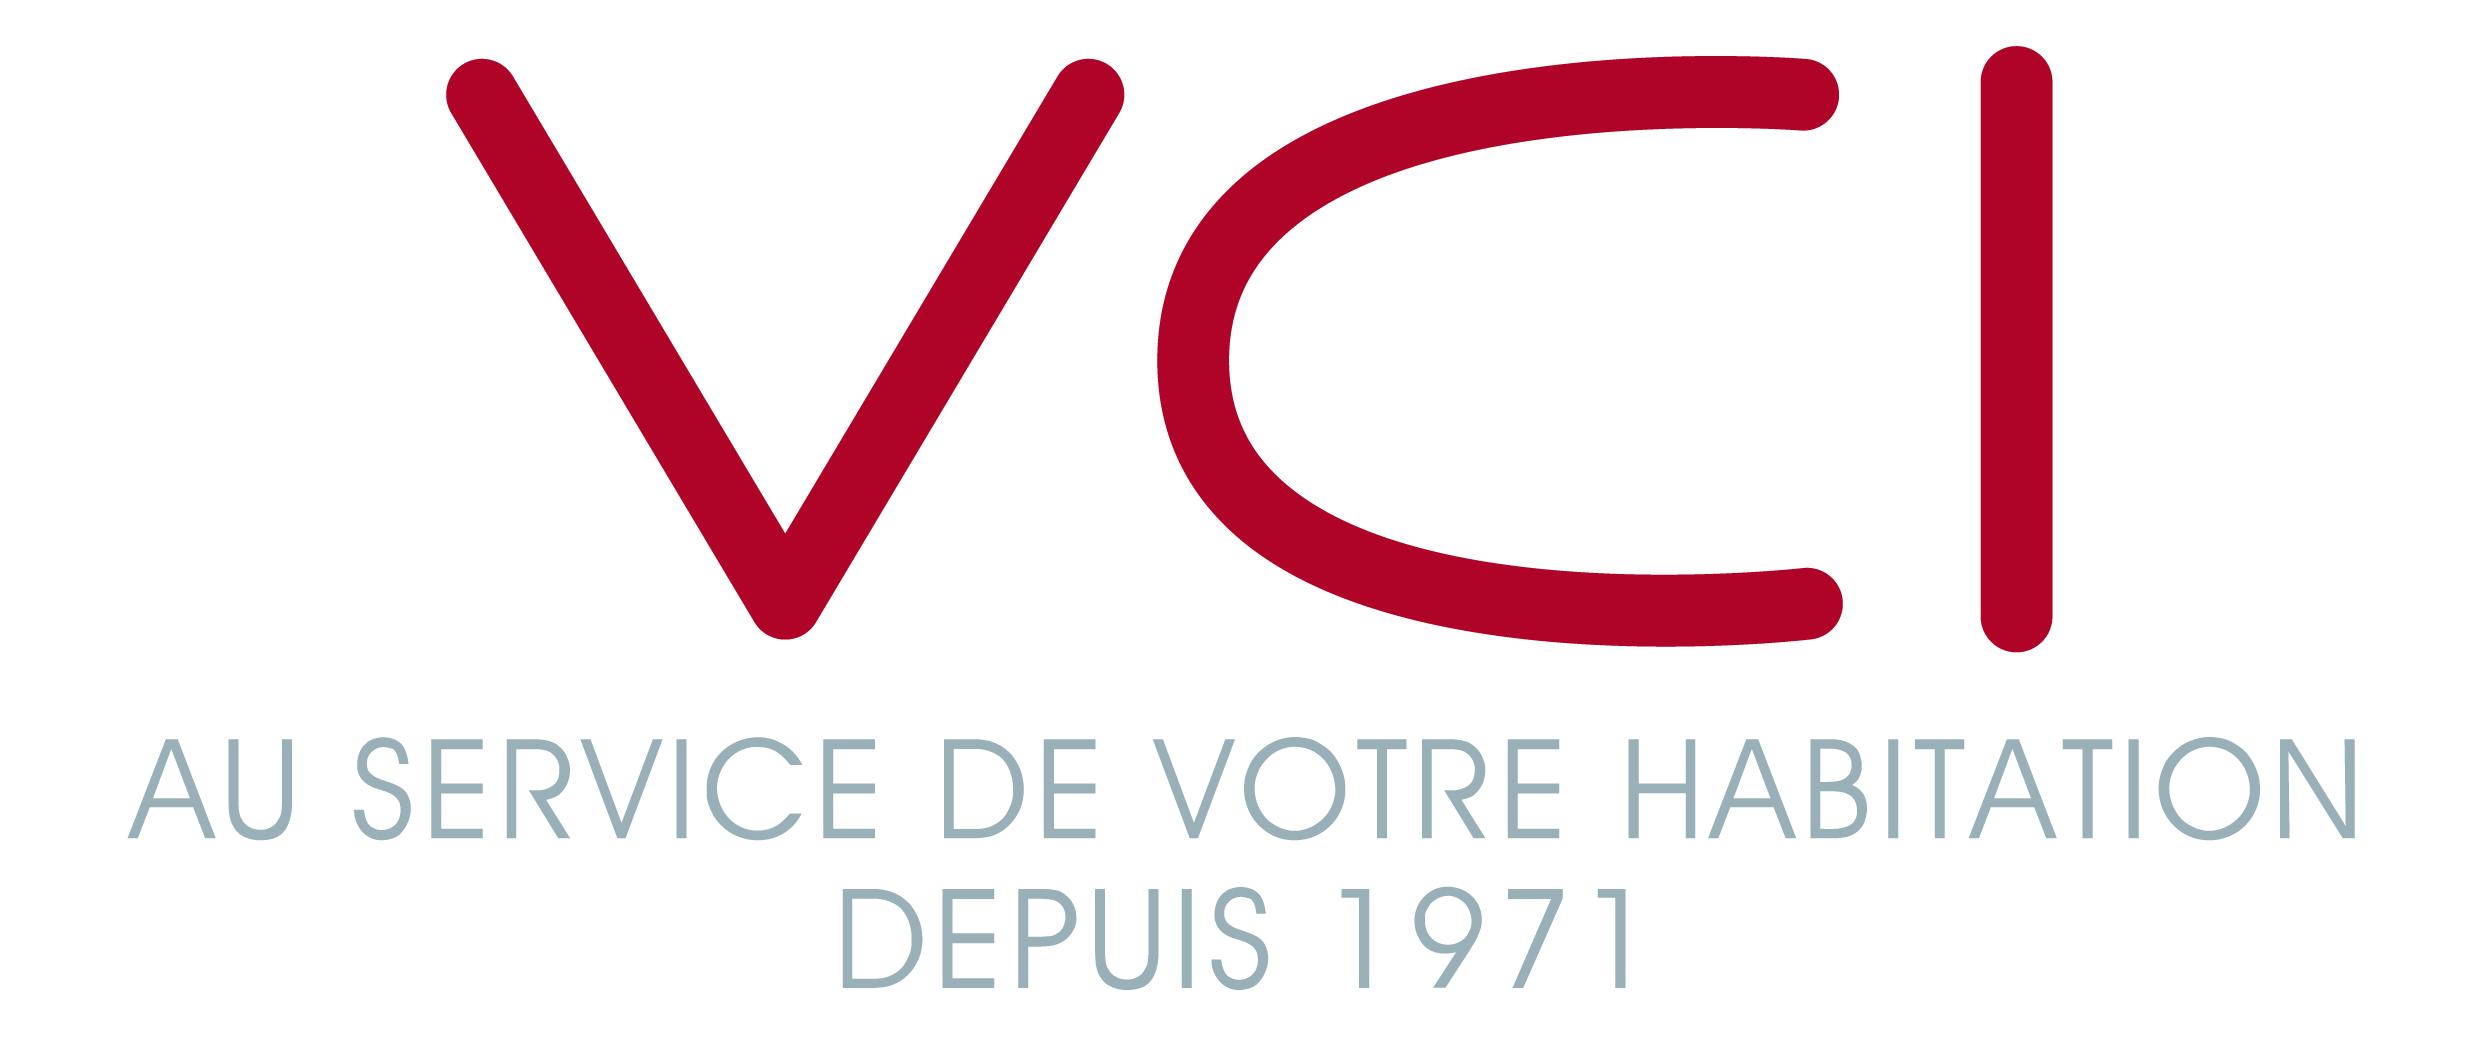 VCI ASPI